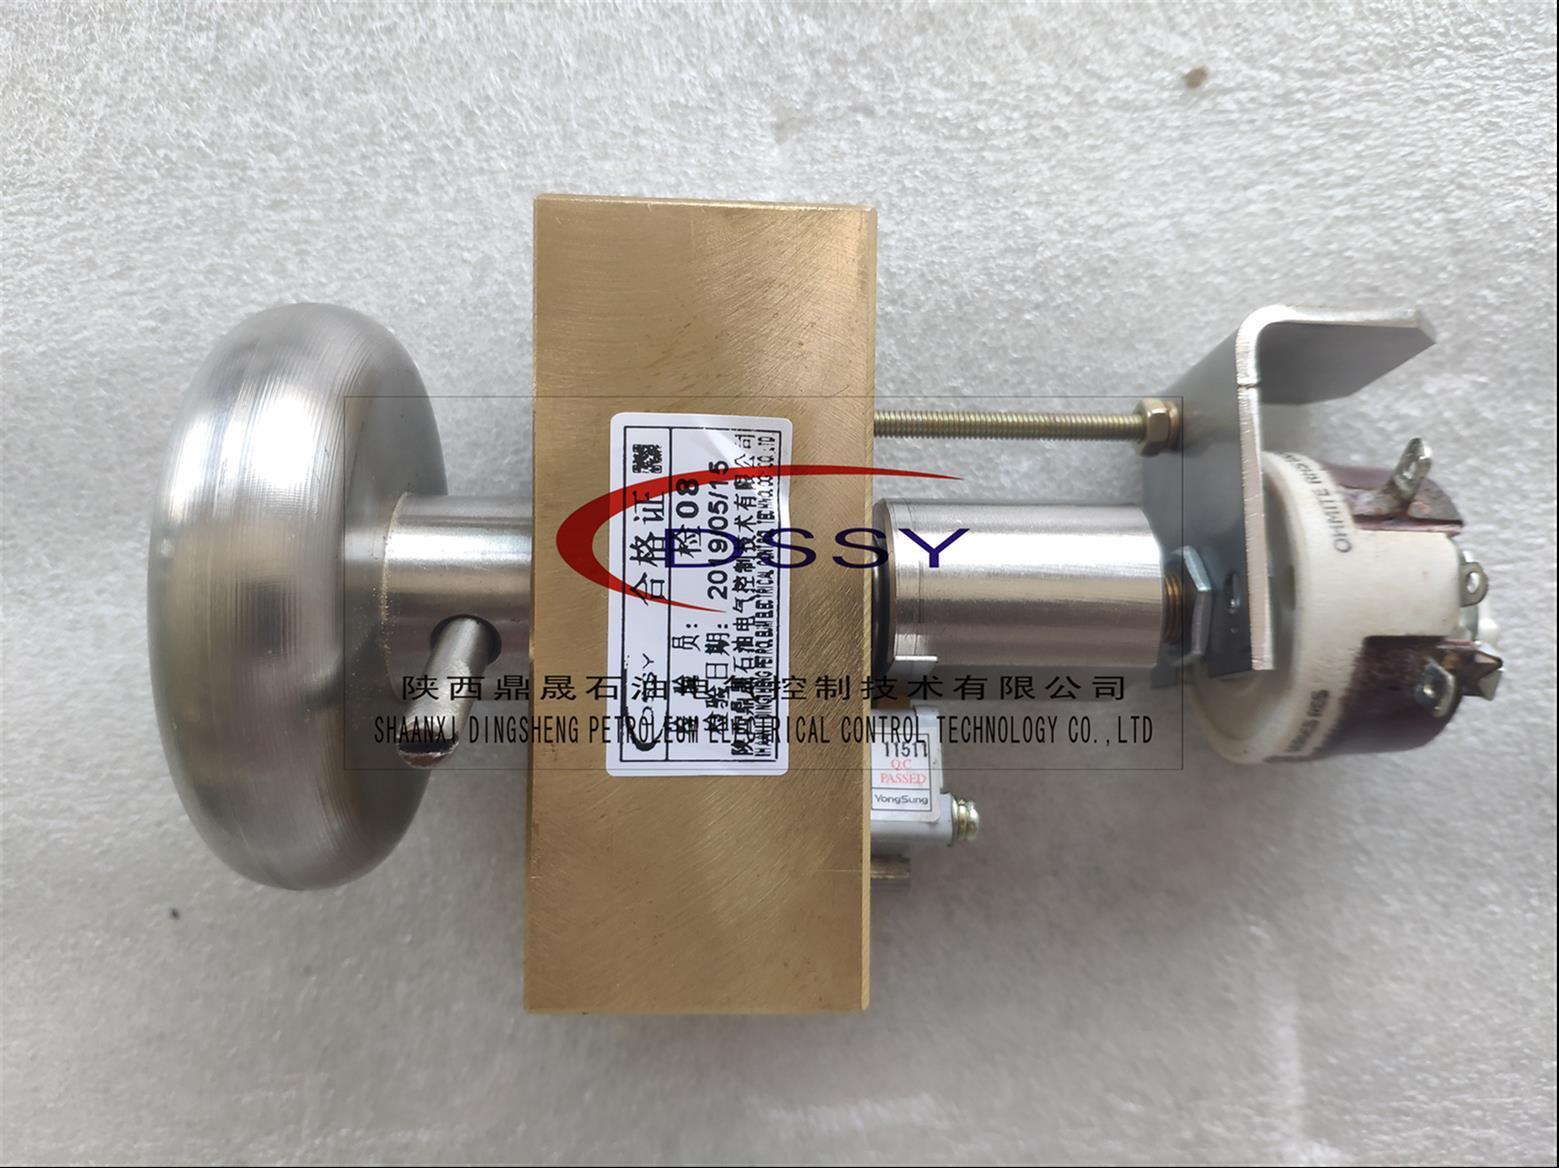 罗斯海尔ROSSHILL石油钻机电控系统手轮总成单联